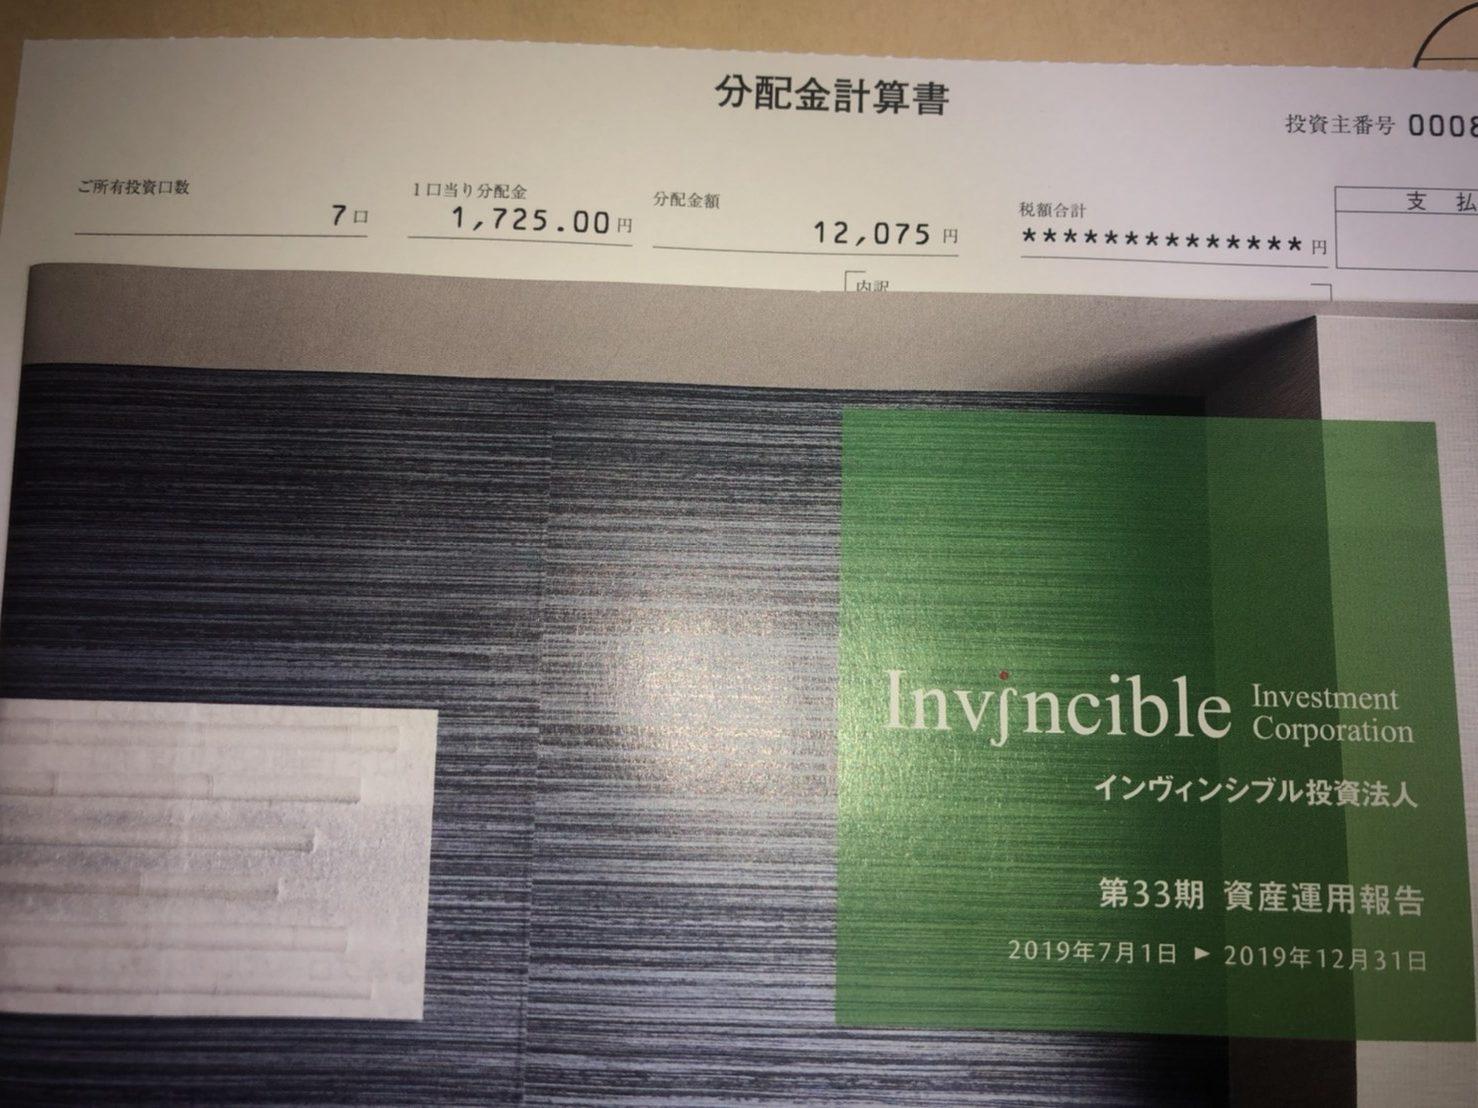 [8963]インヴィンシブル投資法人と最後の高配当分配金?